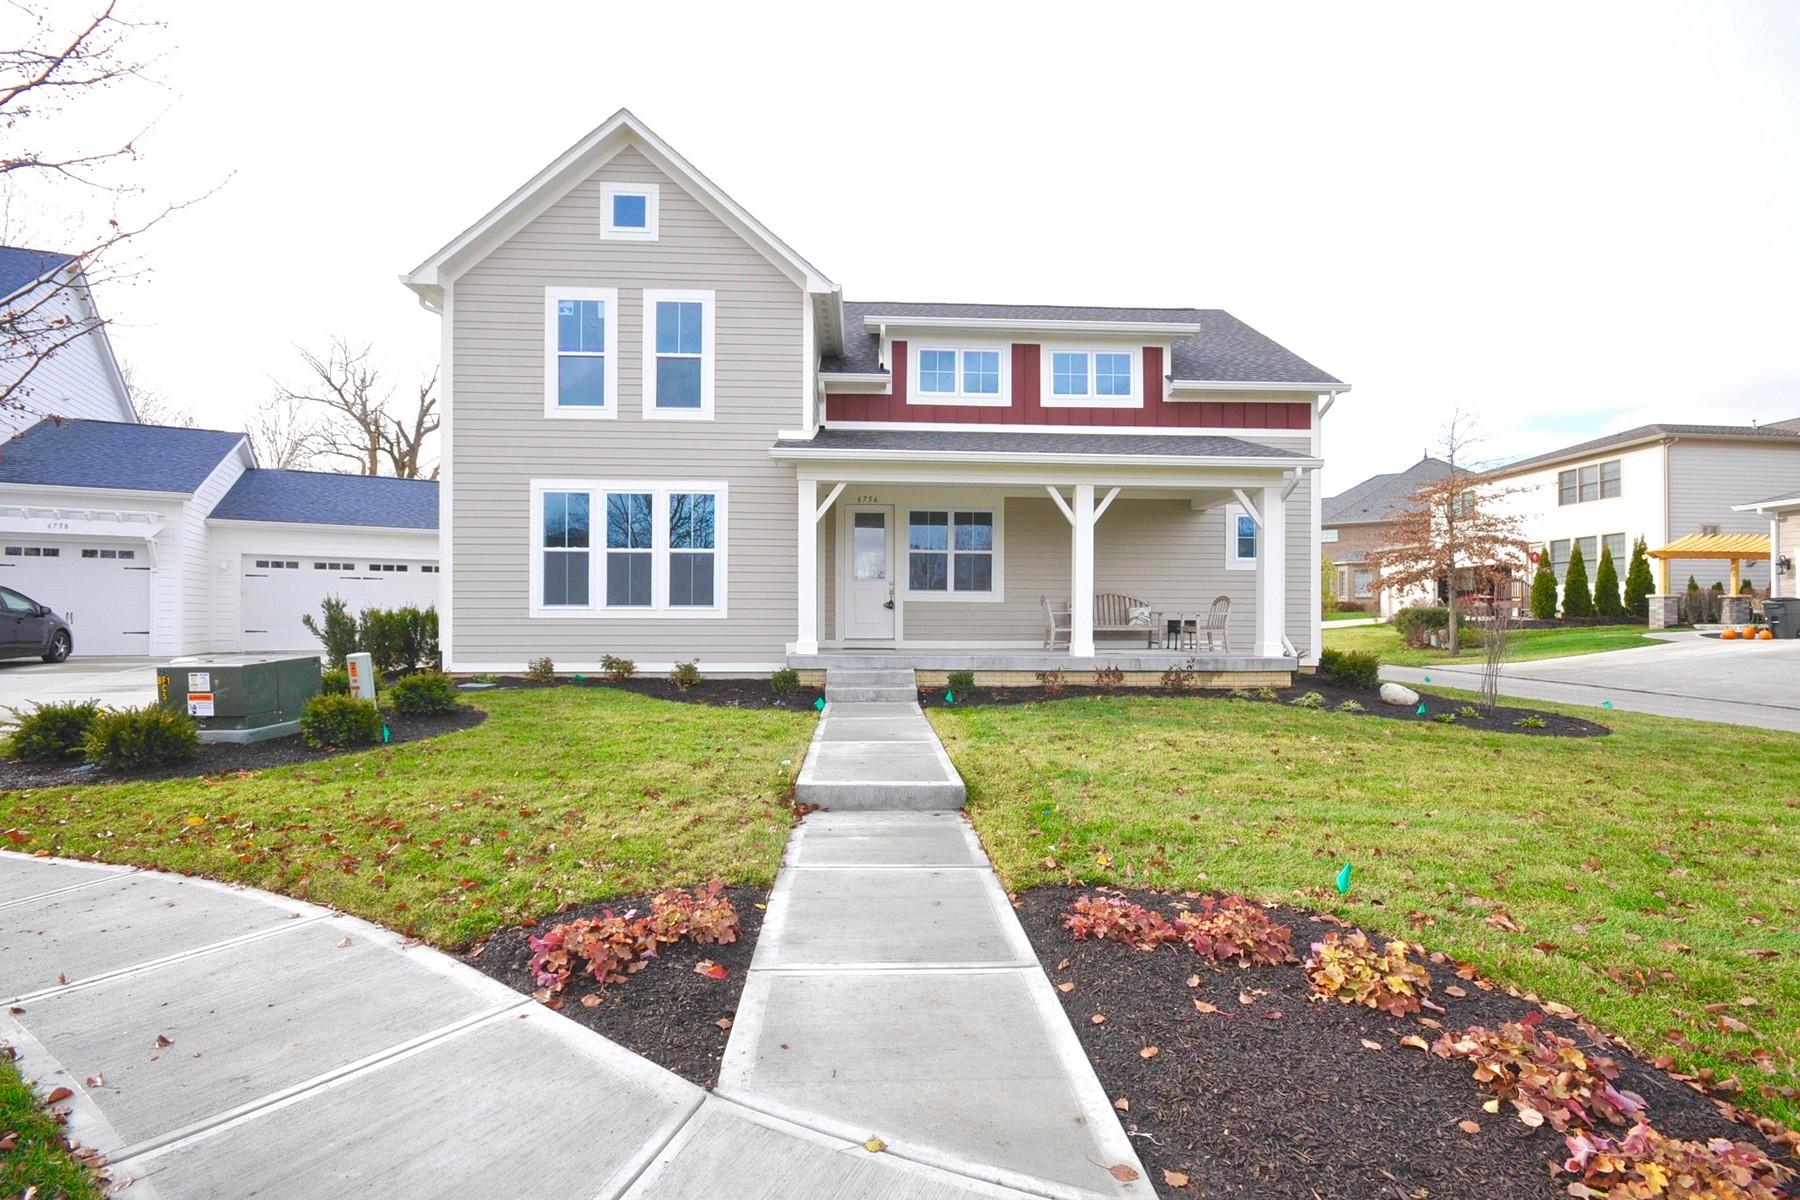 Частный односемейный дом для того Продажа на The Finest Finishes 6756 Chapel Crossing Zionsville, Индиана 46077 Соединенные Штаты